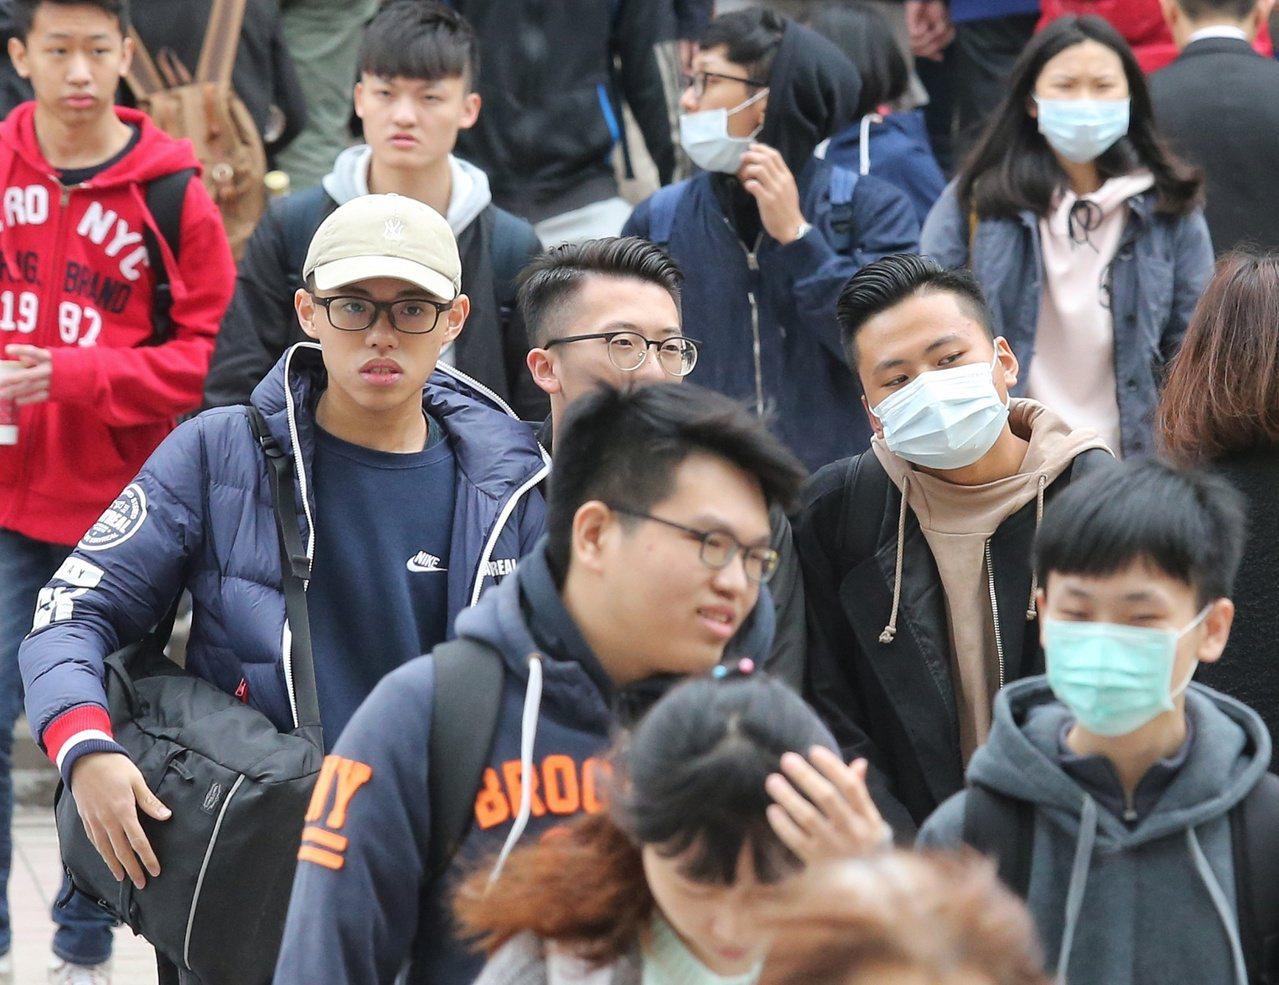 107年學測考生戴著口罩穿著厚外套,寒風中拚金榜。聯合報系資料照/記者鄭清元攝影